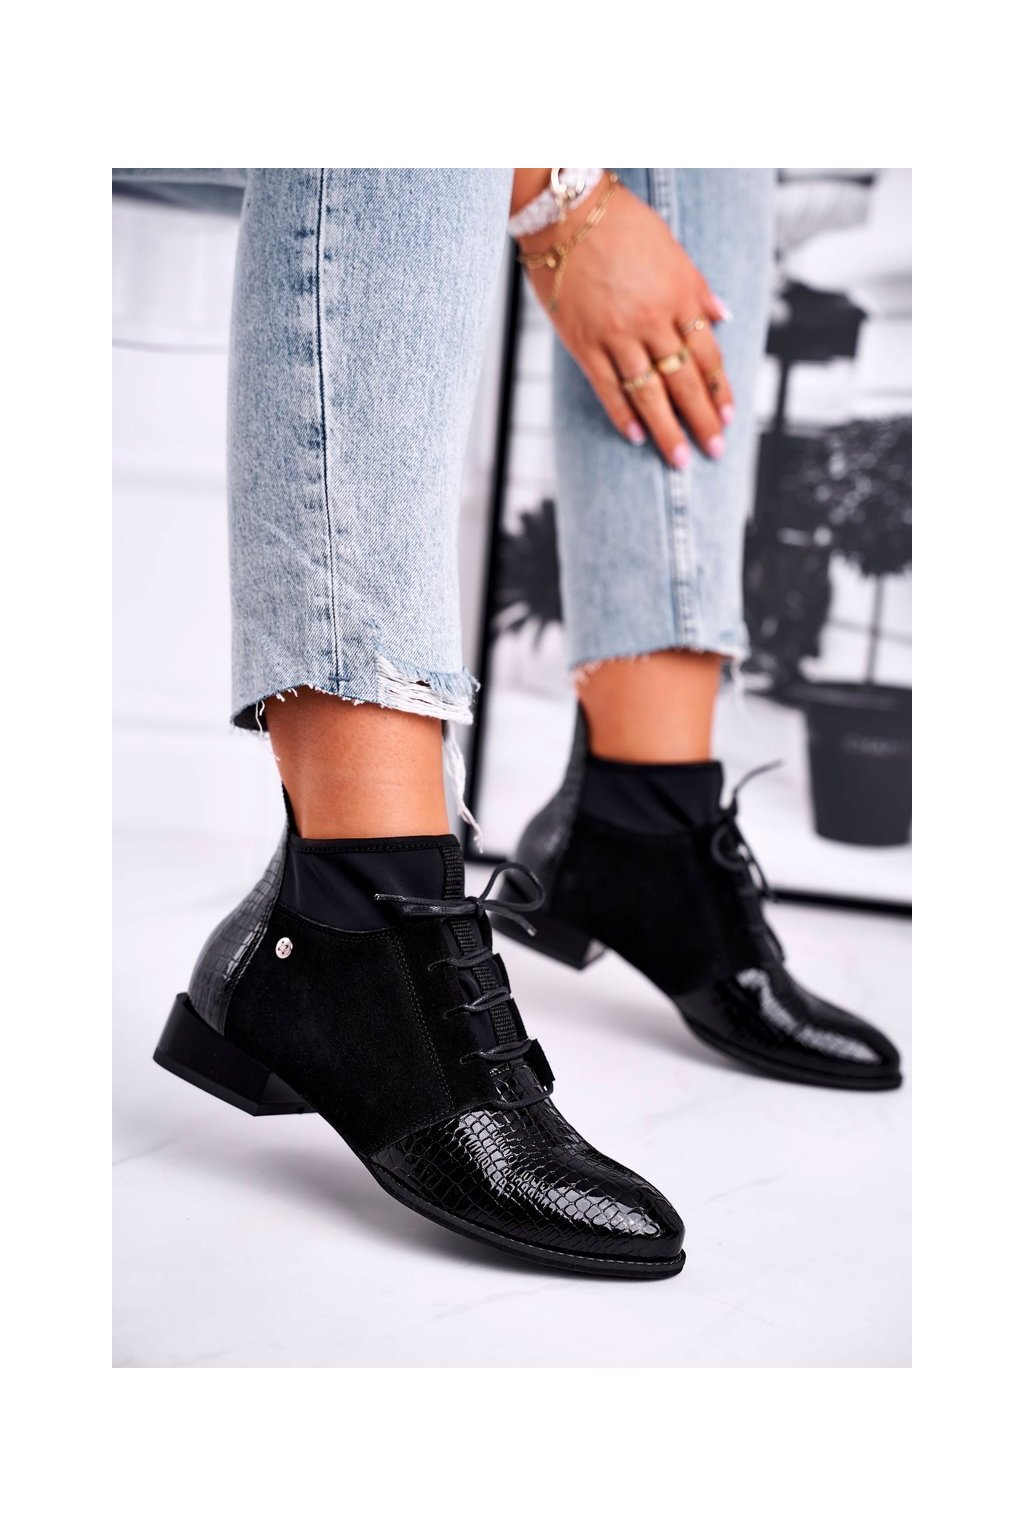 Členkové topánky na podpätku farba čierna kód obuvi 04744-20/00-7 BLK